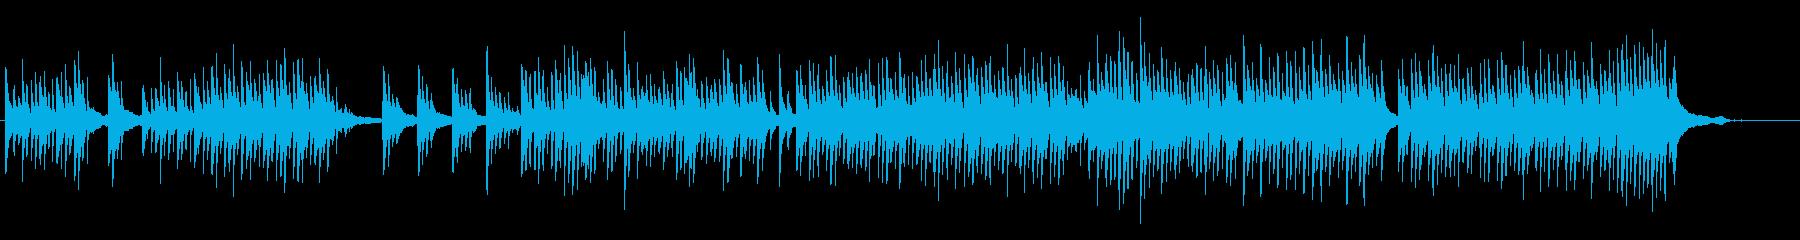 不気味なトーンのピアノ曲の再生済みの波形